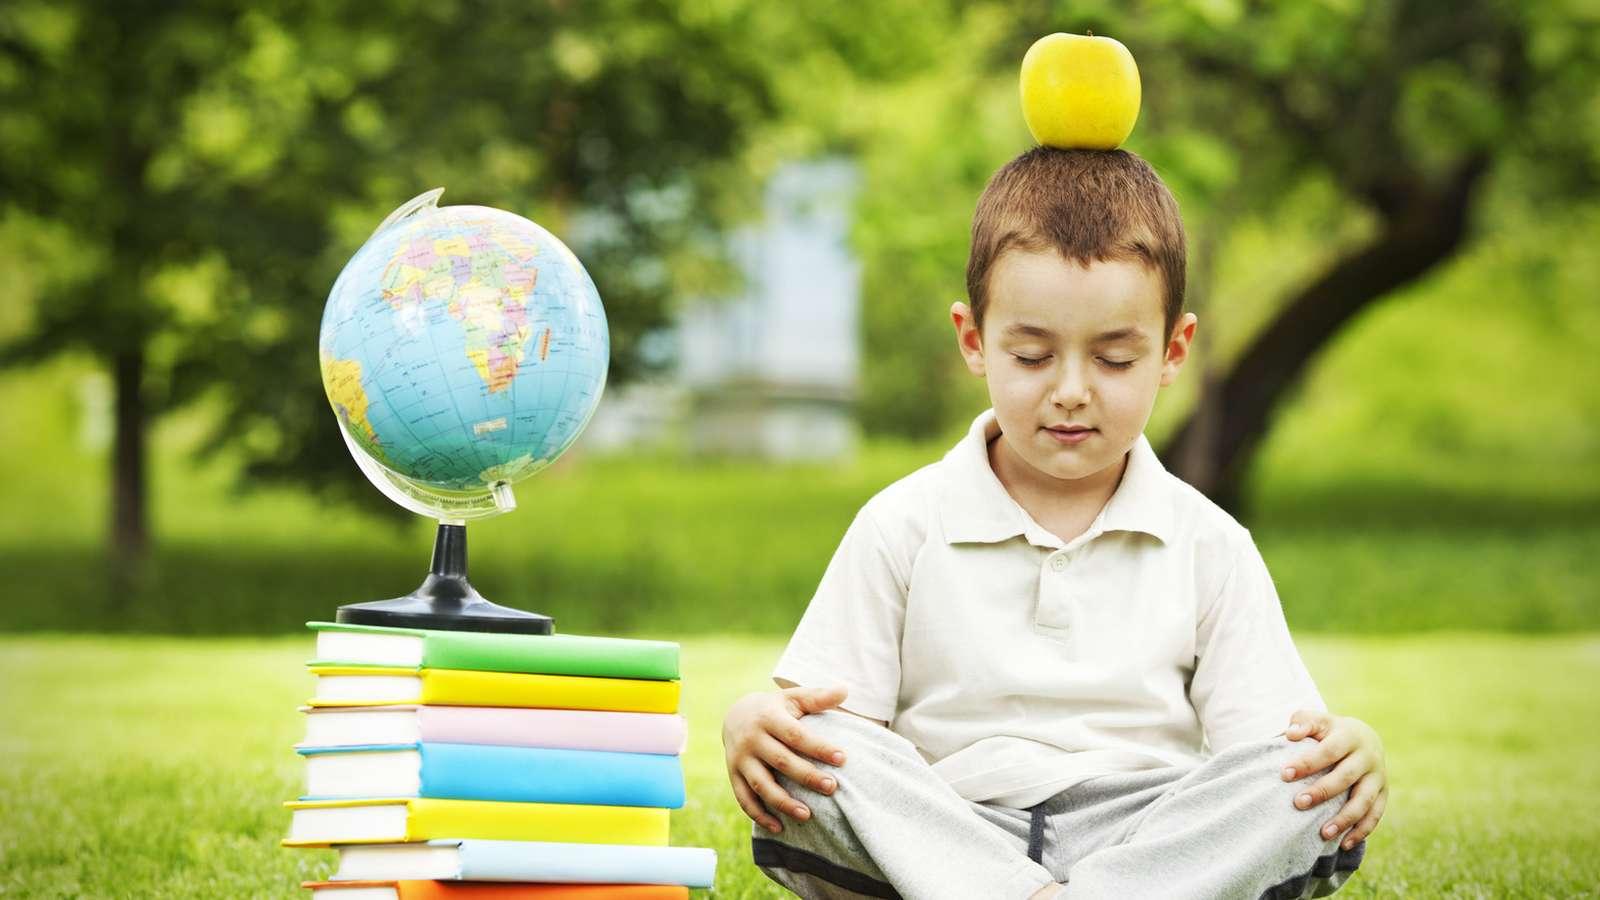 weniger stress bei kindern durch achtsamkeitstraining an schulen